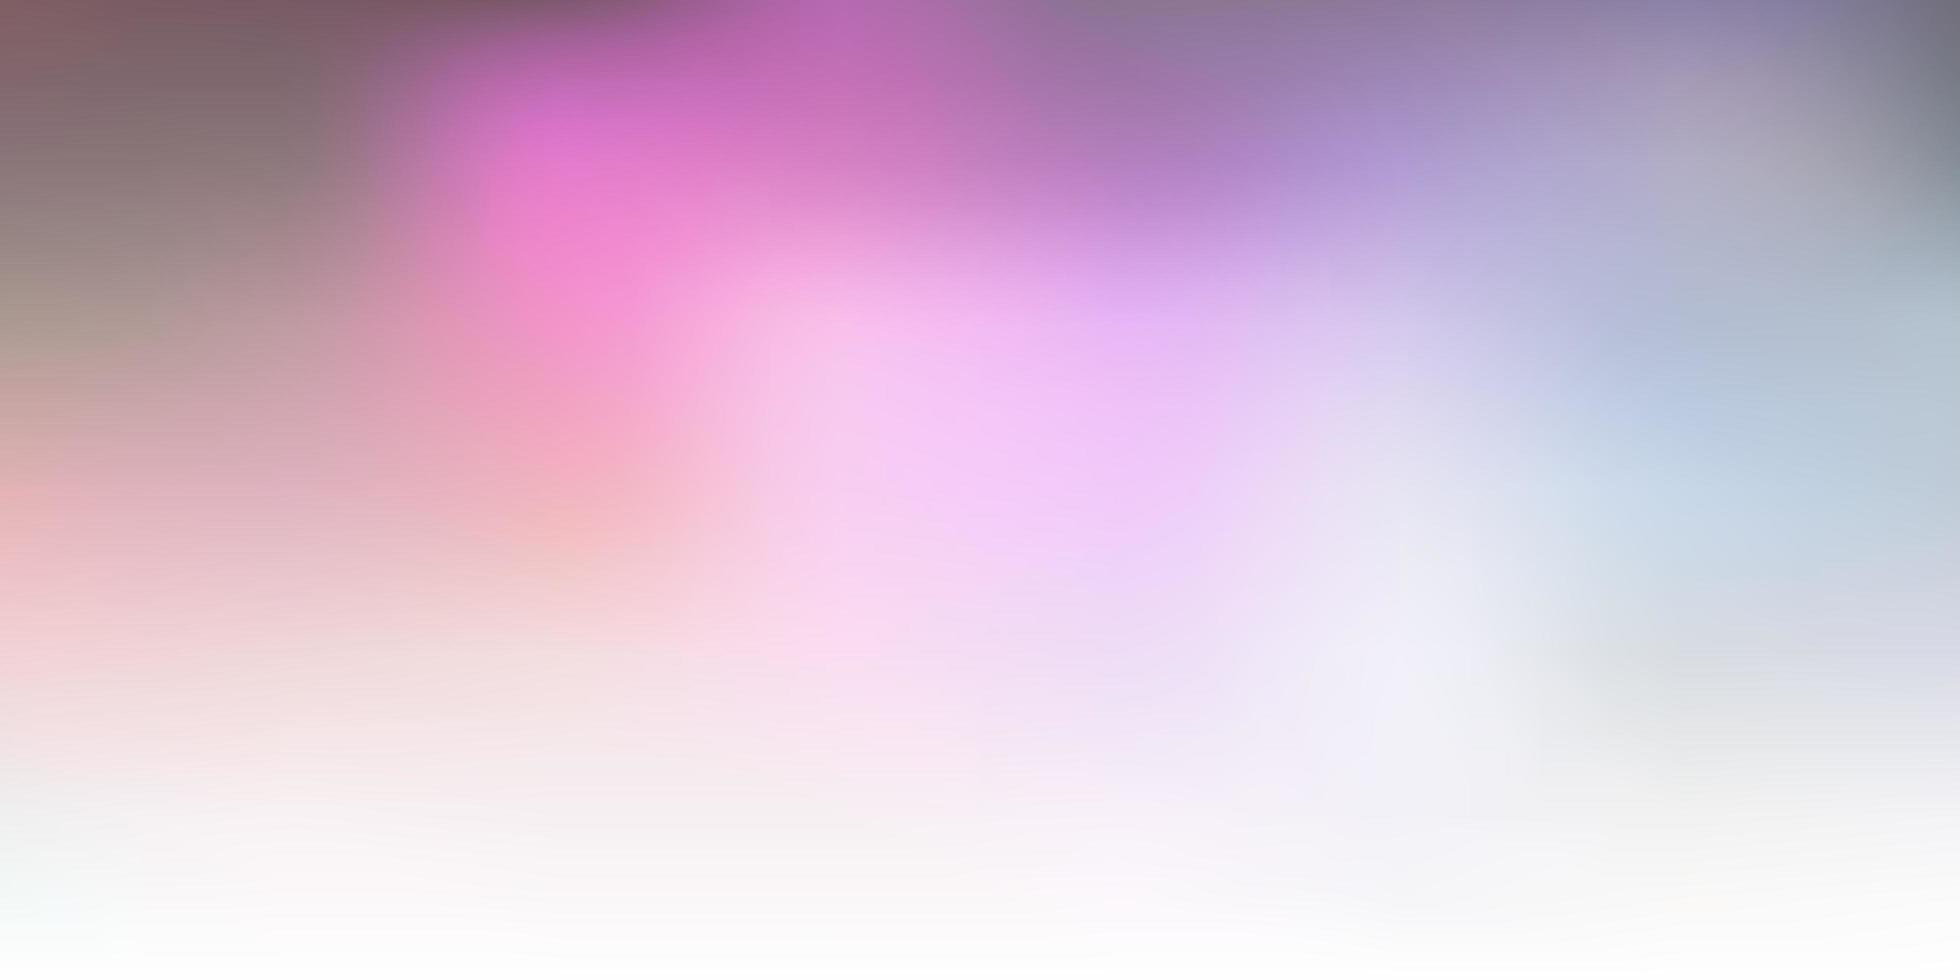 sfondo sfocato vettoriale rosa scuro, verde.